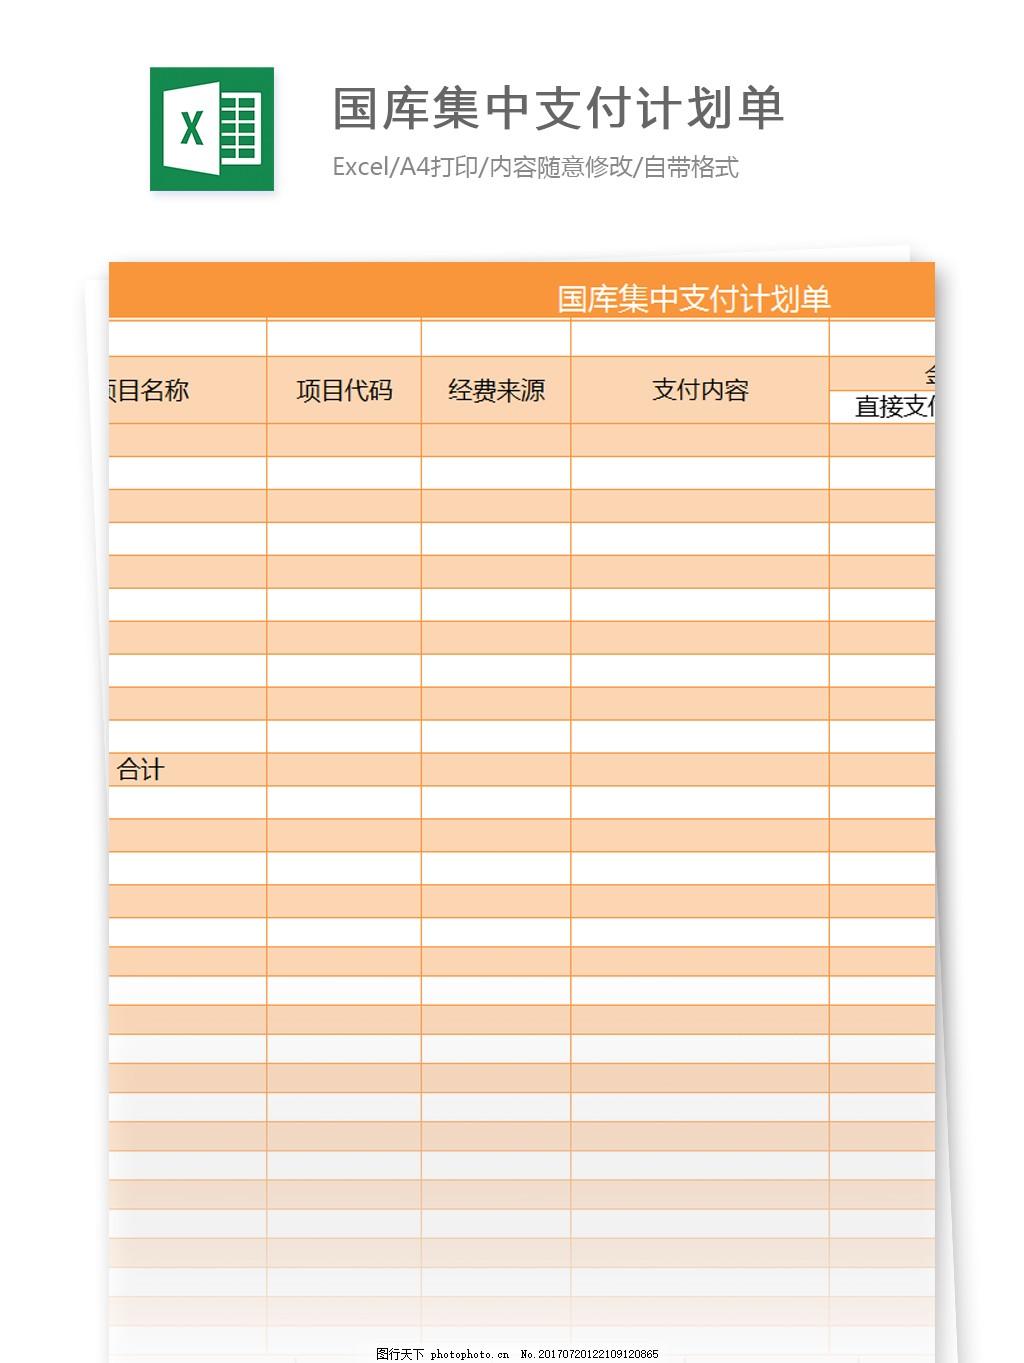 国库集中支付计划单excel模板 表格模板 图表 表格设计